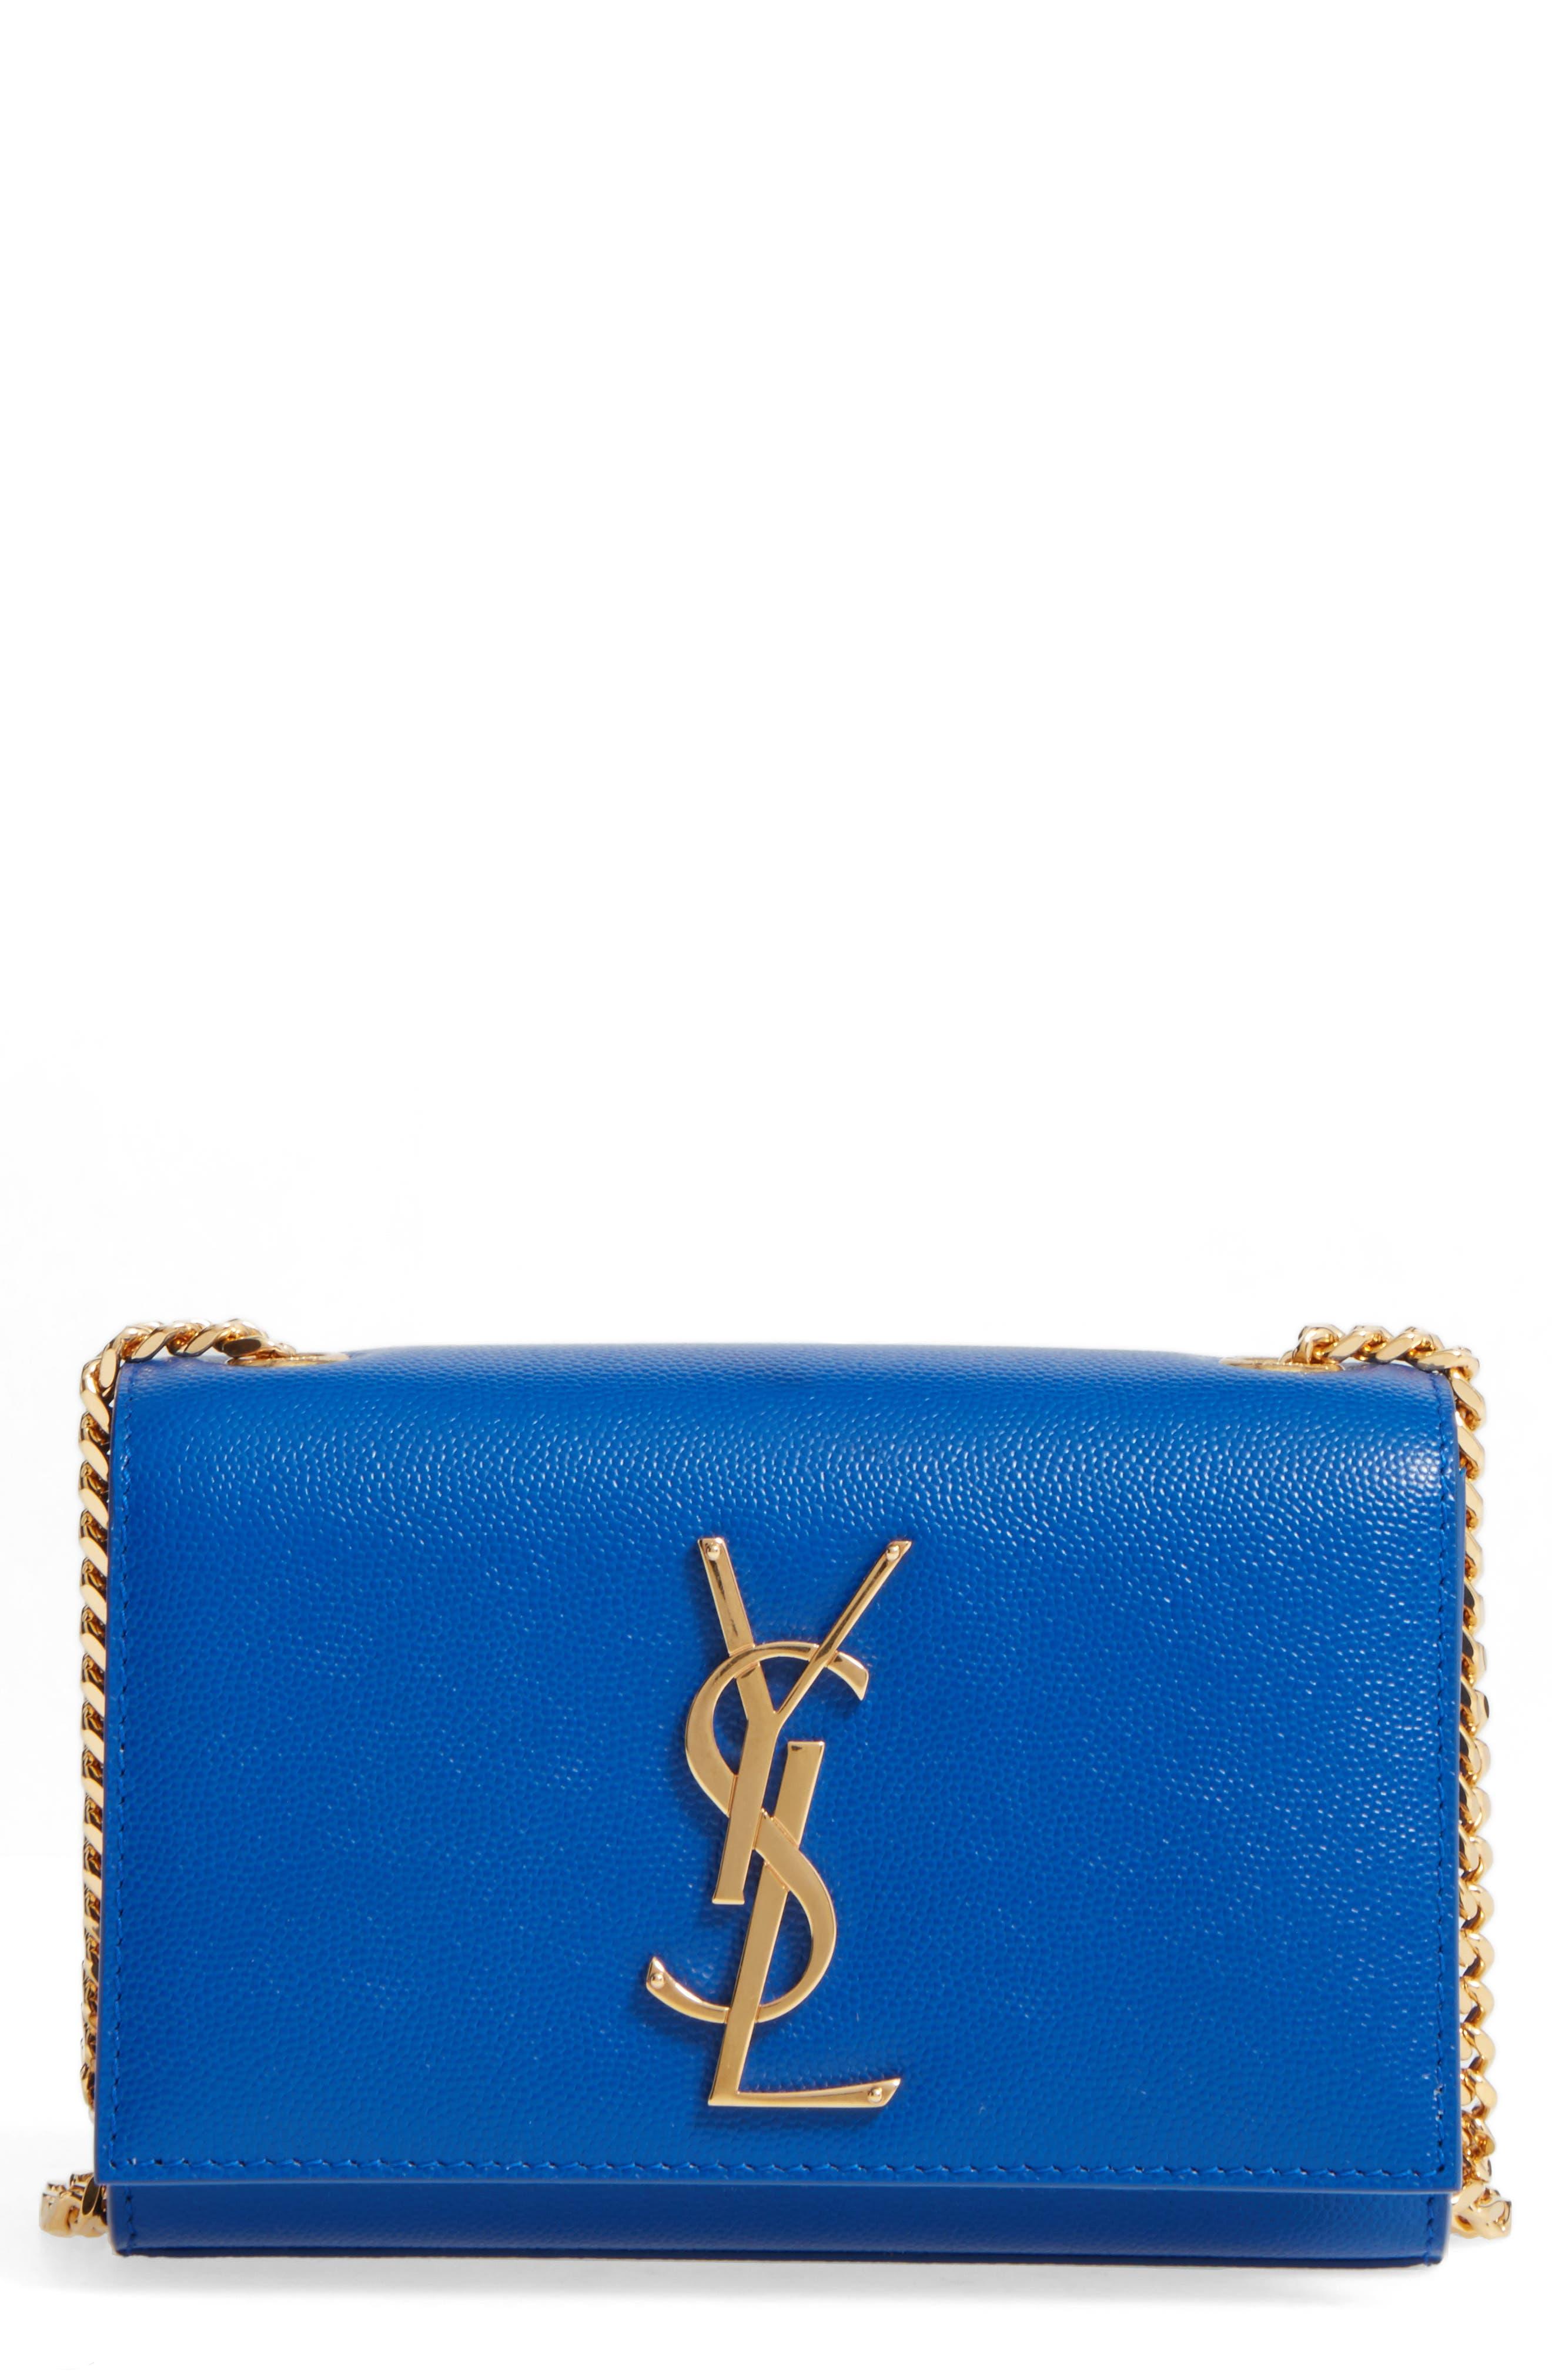 Alternate Image 1 Selected - Saint Laurent 'Small Monogram' Crossbody Bag